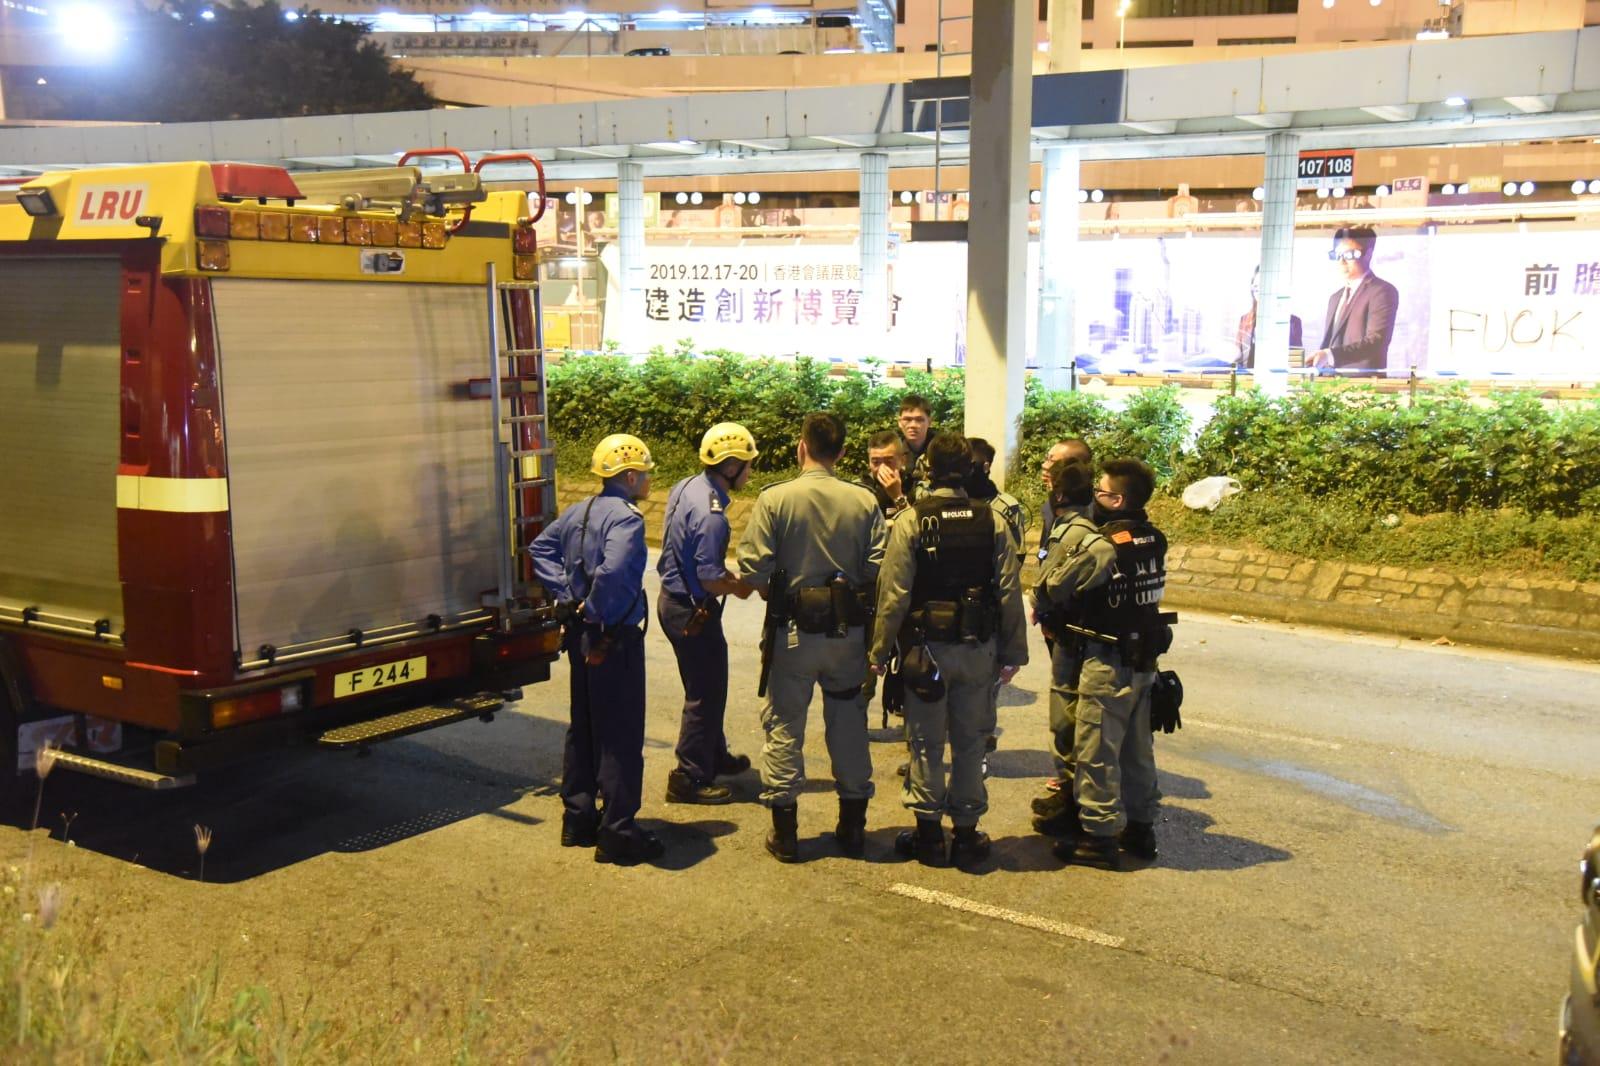 【修例風波】示威者疑爬渠逃離理大一度失聯 消防渠口戒備